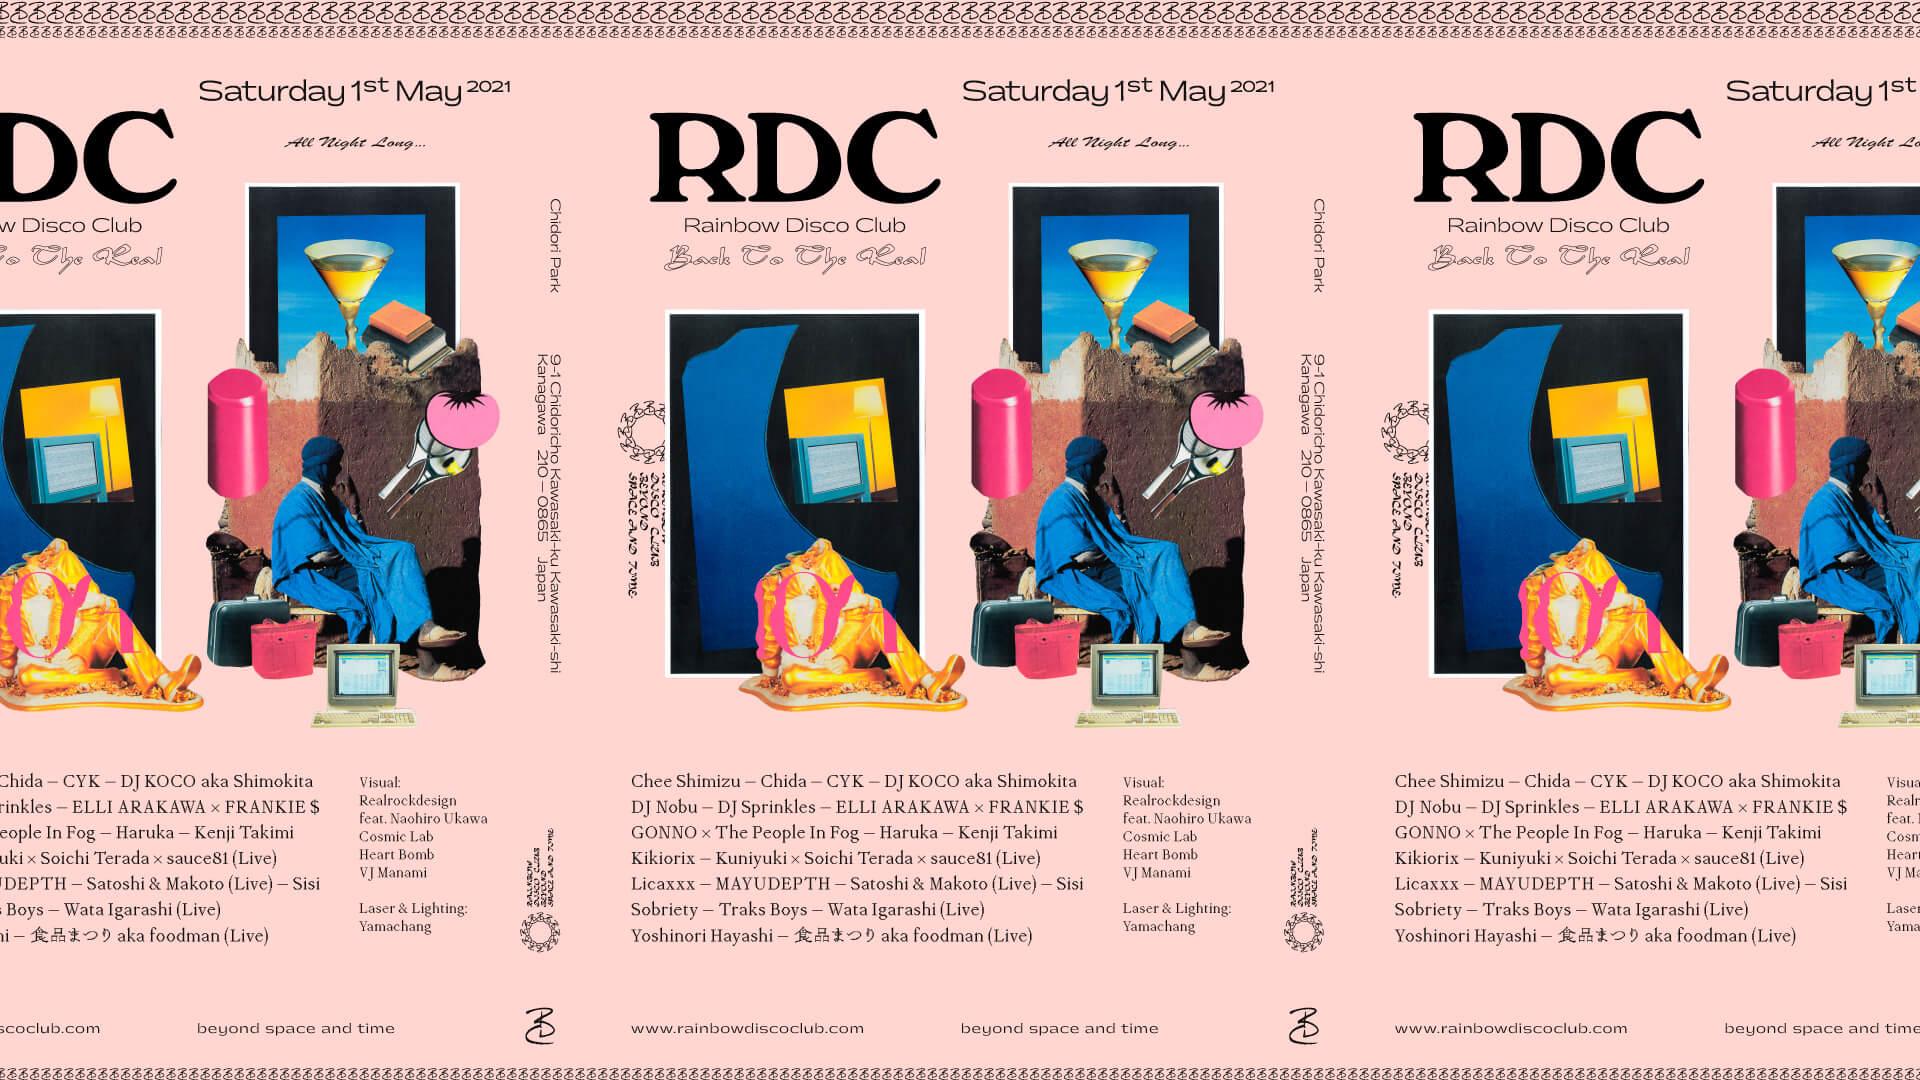 宇川直宏がRDCに降臨!RAINBOW DISCO CLUB第2弾ラインナップとしてDJ KOCO aka Shimokita、CYK、ELLI ARAKAWA×FRANKIE $など追加 music210401_rdc_2